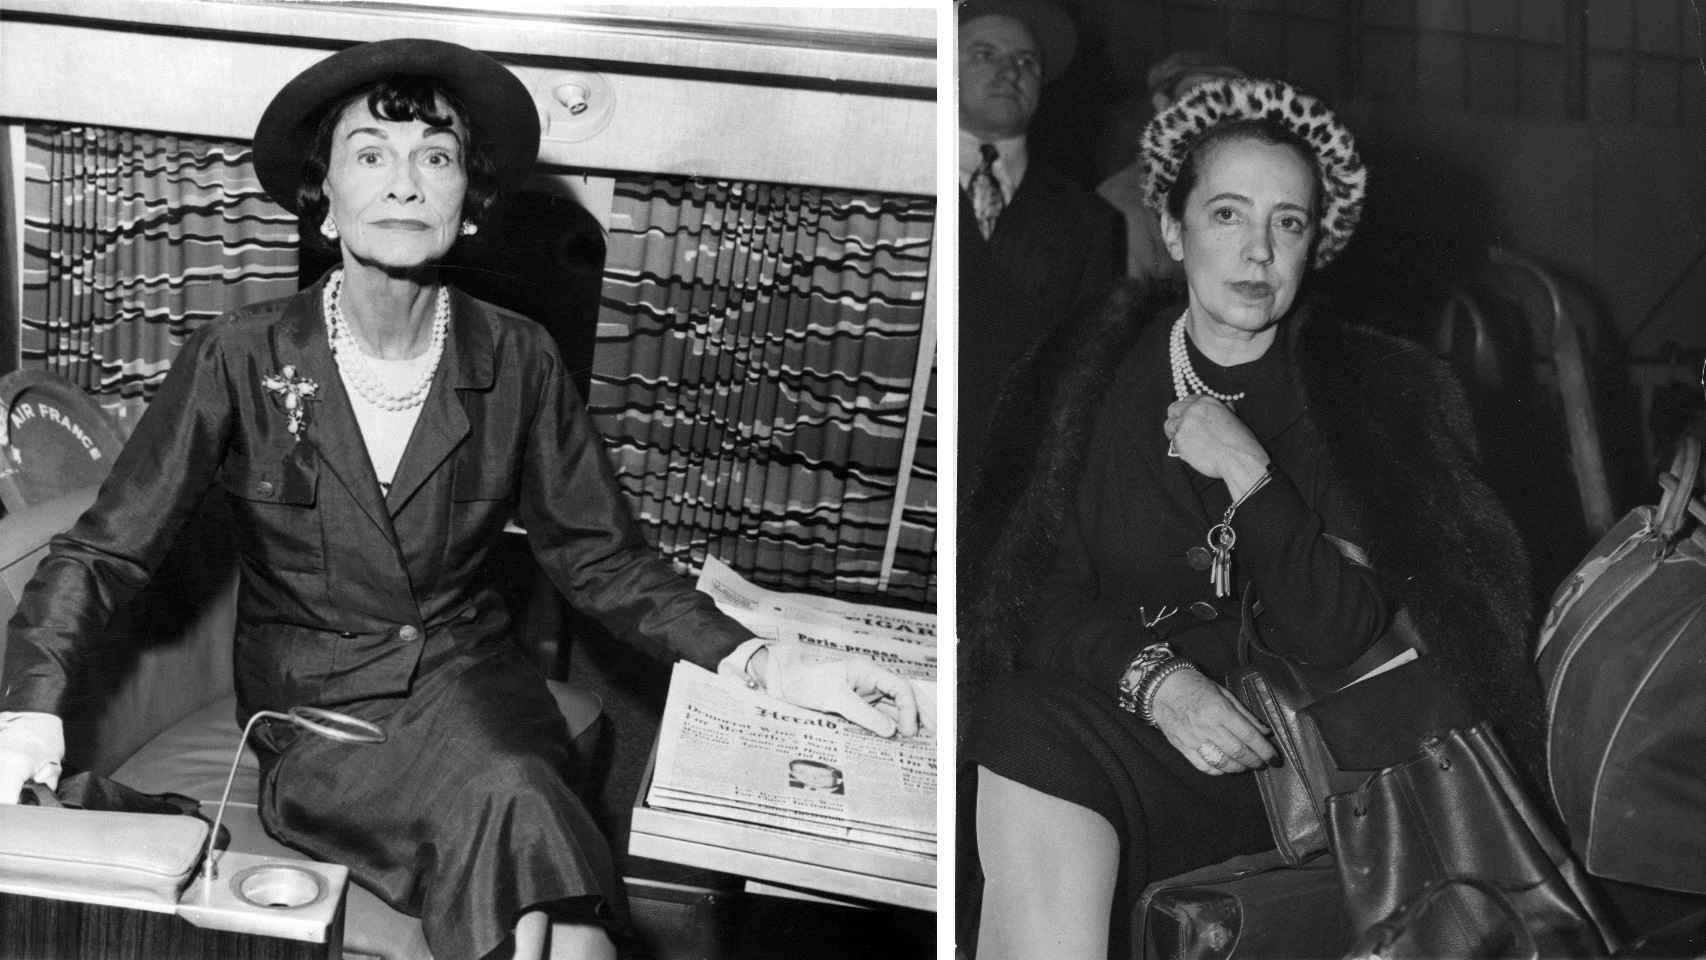 A la inzquierda, Coco Chanel y a la derecha, Elsa Schiaparelli.